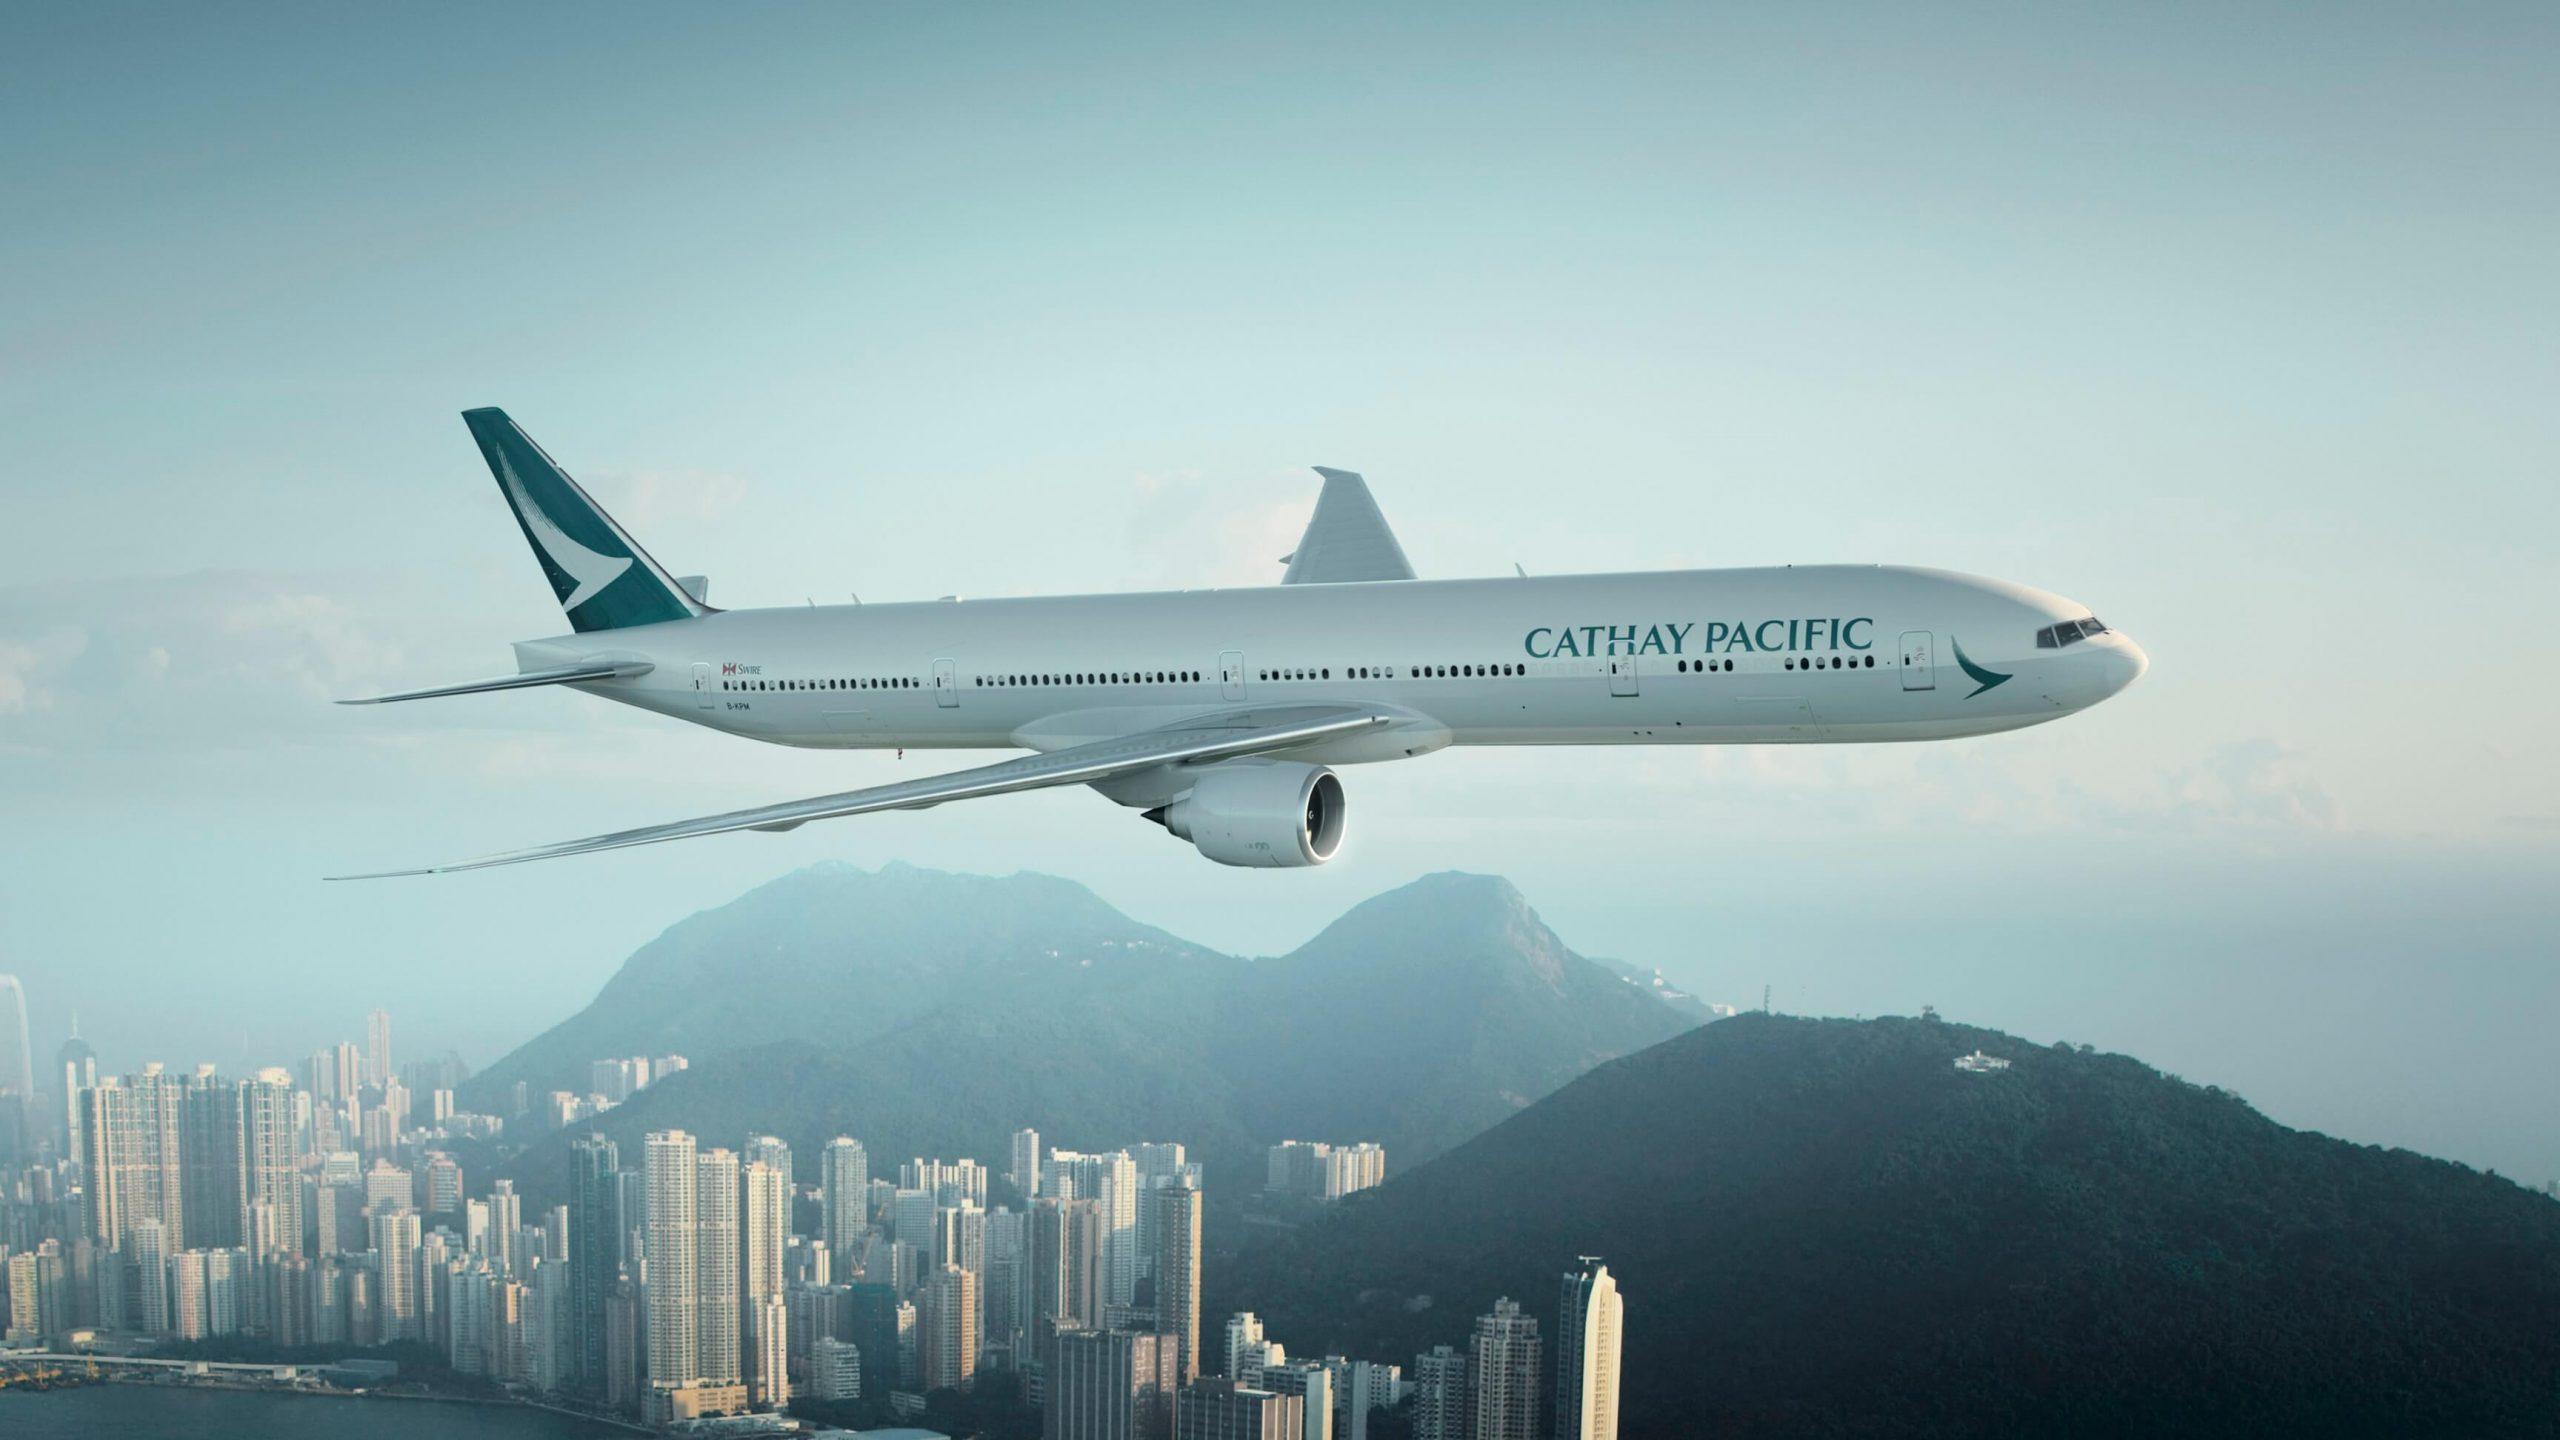 كاثي باسيفيك ترحب بالاتفاقية المبدئية لإنشاء فقاعة سفر جوي بين سنغافورة وهونغ كونغ